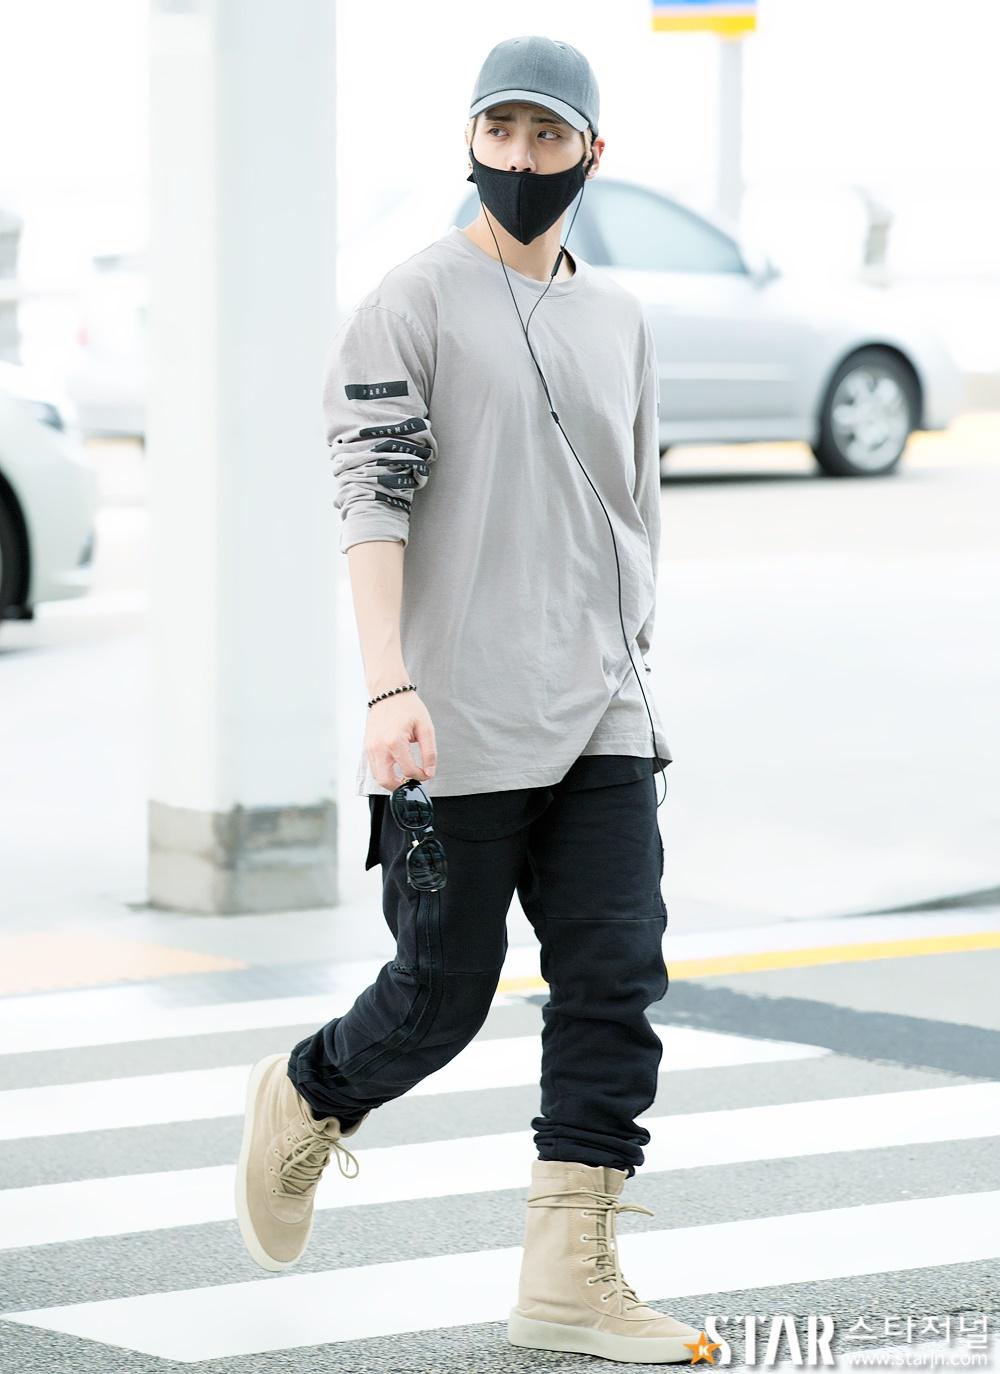 [IMG/160715] Jonghyun, Key @ Aeropuerto Incheon hacia Japón. EUHF067h